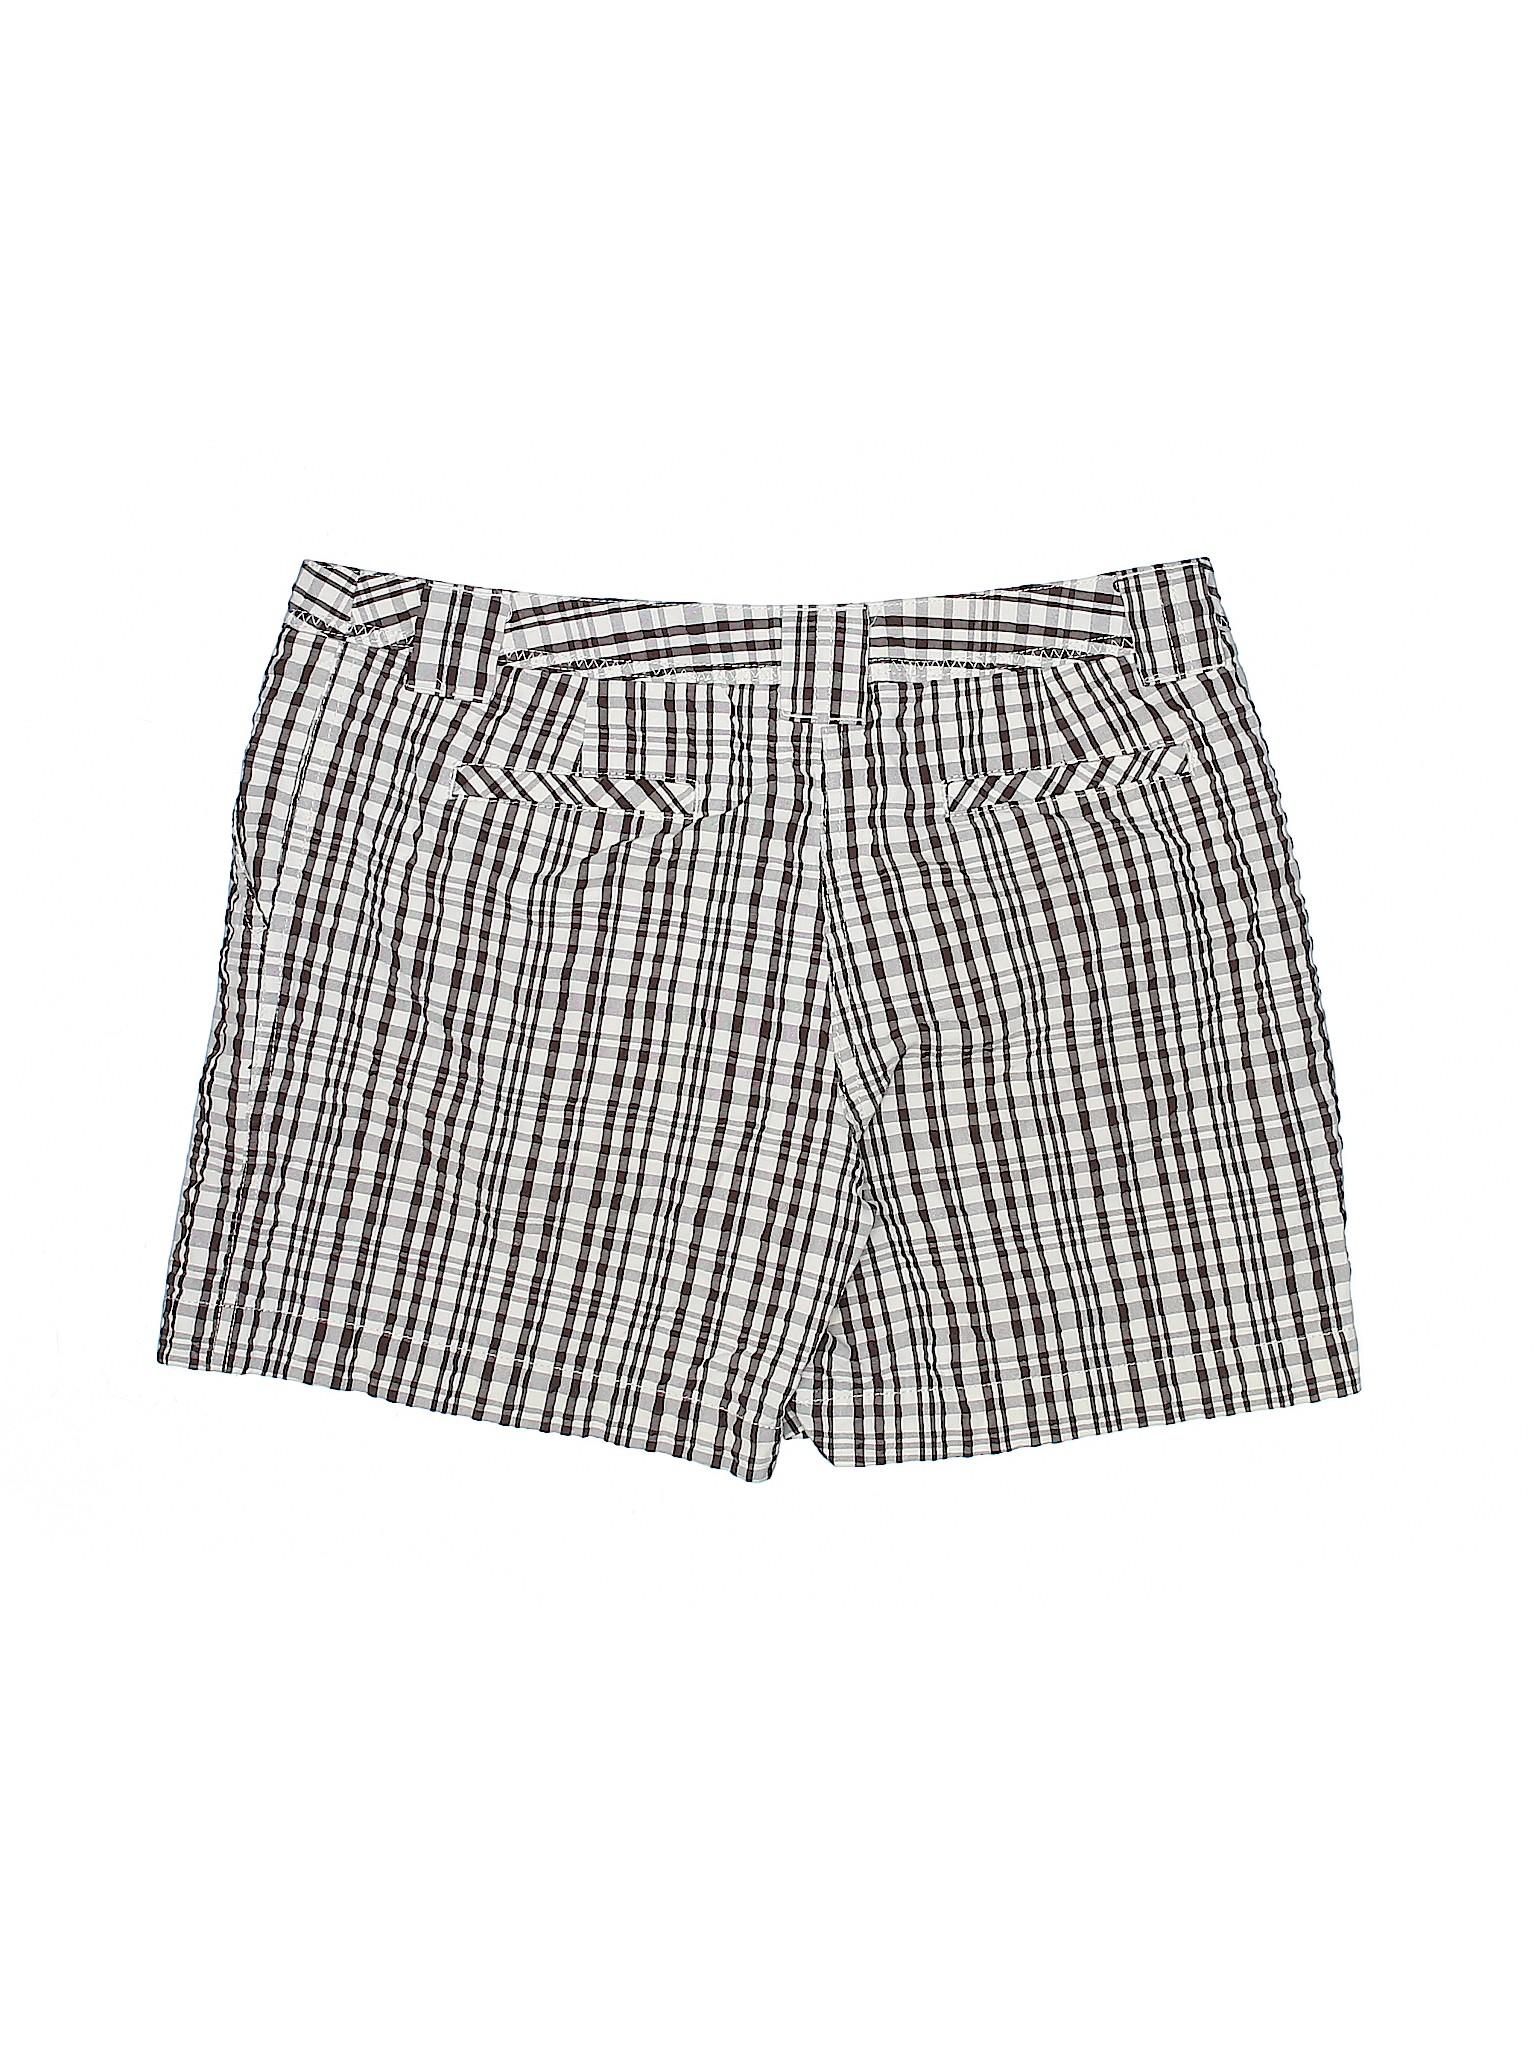 Merona Boutique Boutique Merona Shorts Khaki Khaki qRY47w